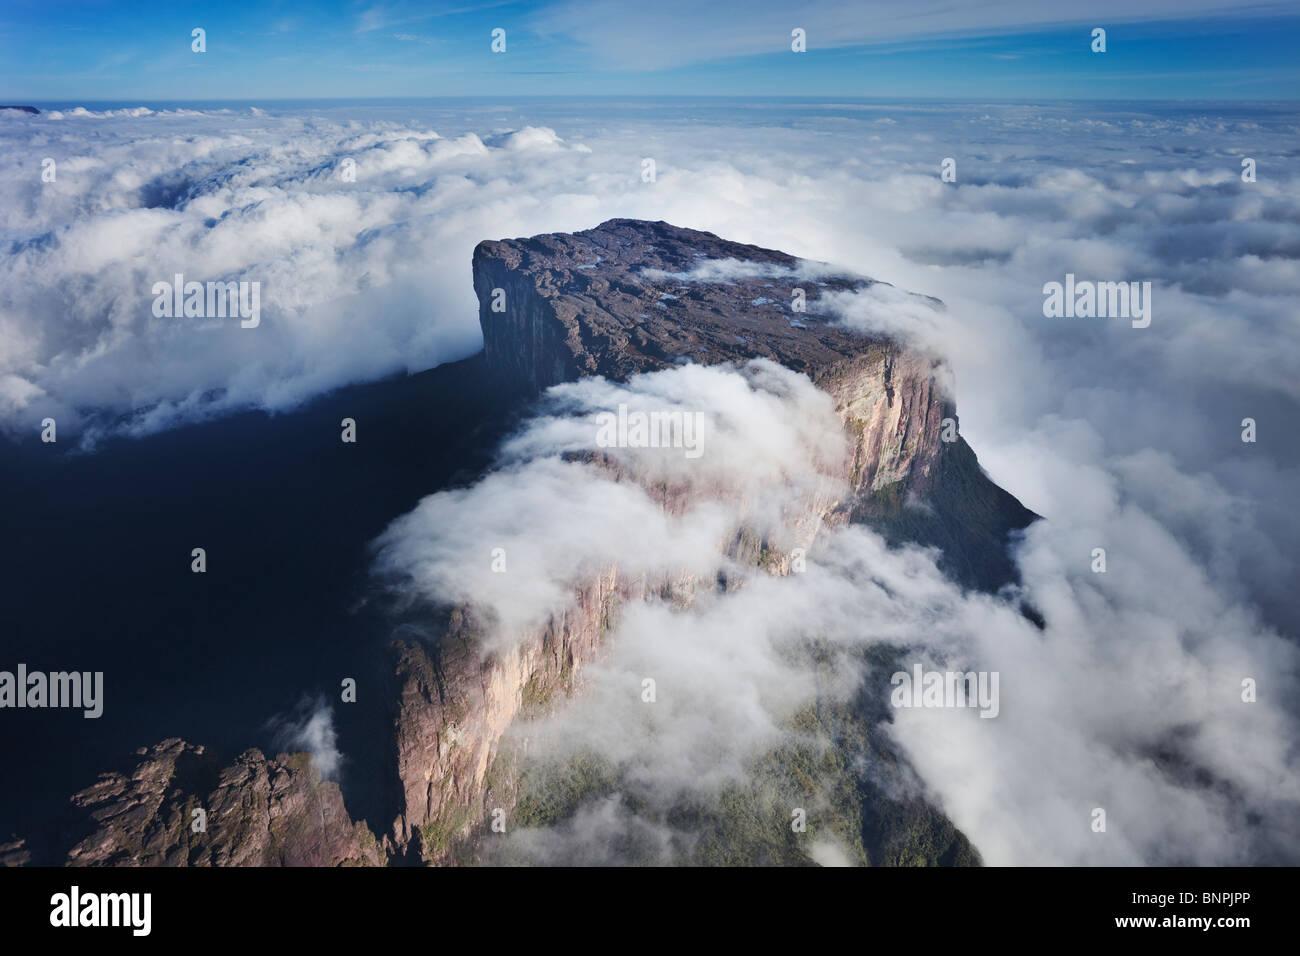 Luftaufnahme Mount Roraima ist die höchste Tepui 2810 Metern Höhenunterschied. Wolke bedeckt flache Berge. Stockbild